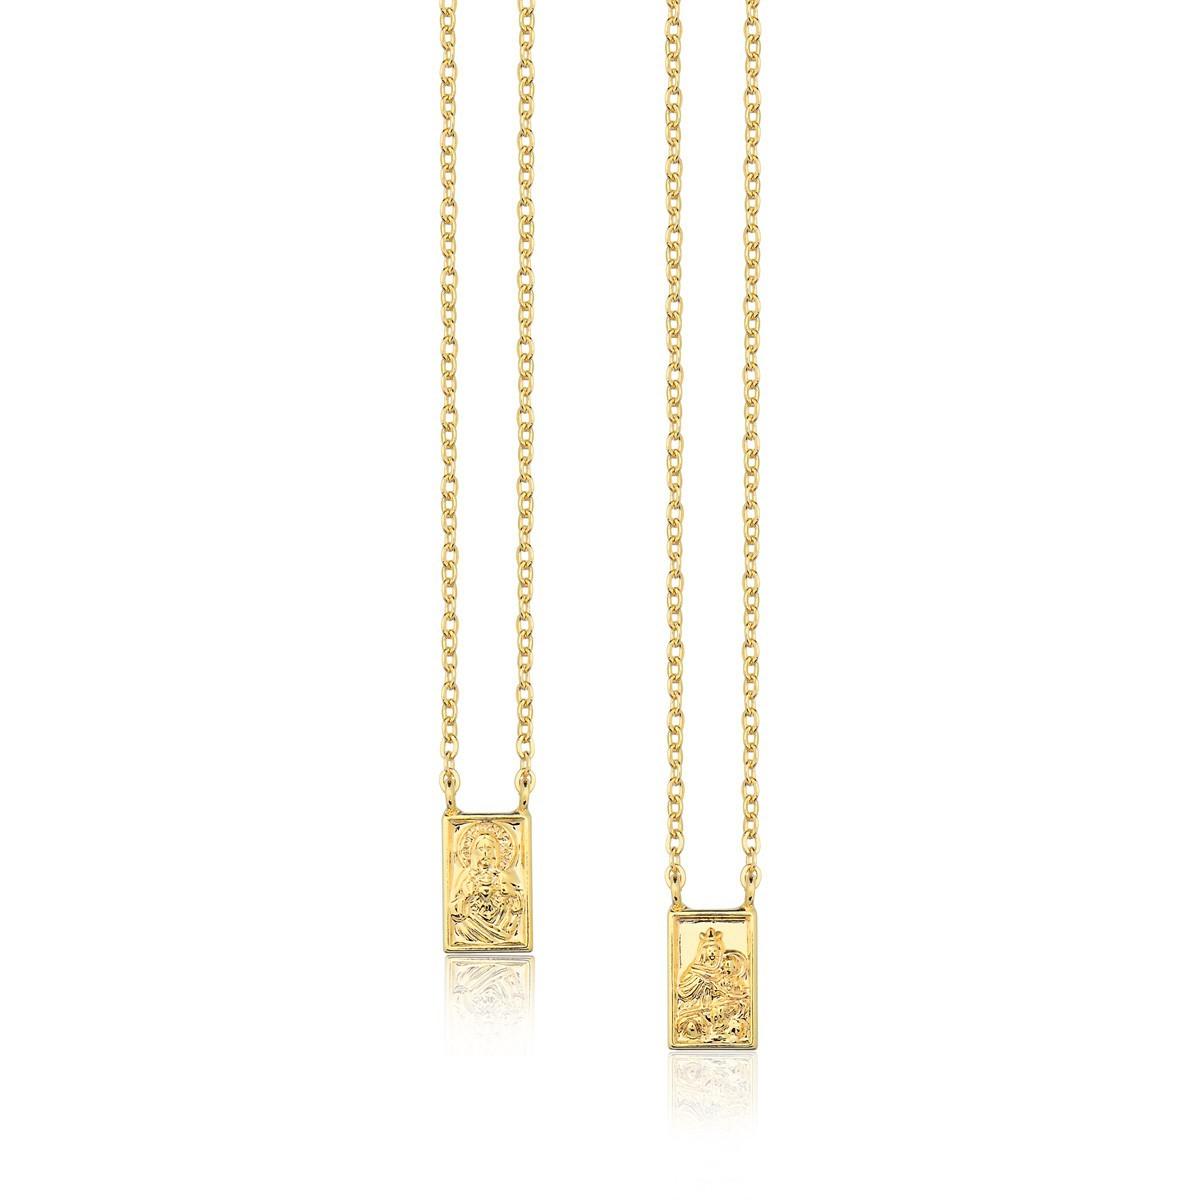 Escapulário maria liberdade e sagrado coração de jesus delicado 60cm banhado a ouro 18k